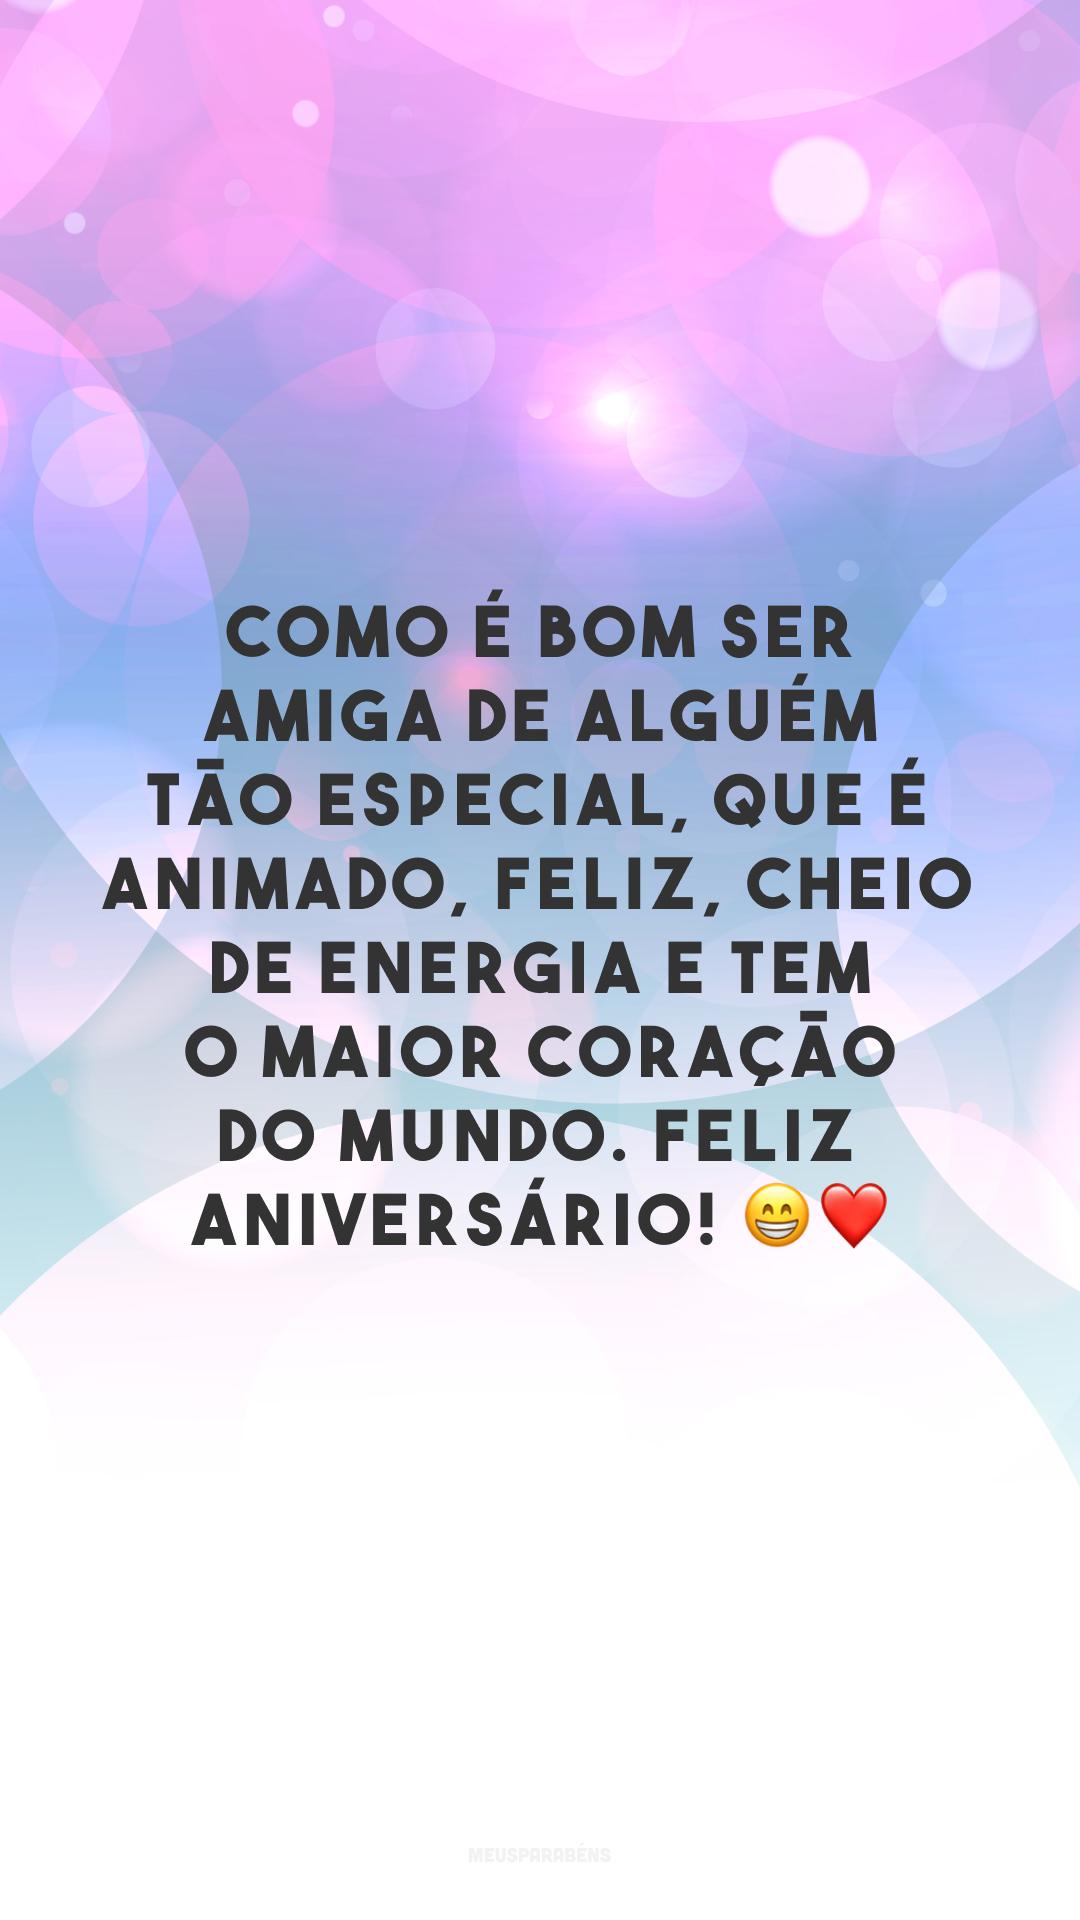 Como é bom ser amiga de alguém tão especial, que é animado, feliz, cheio de energia e tem o maior coração do mundo. Feliz aniversário! ?❤